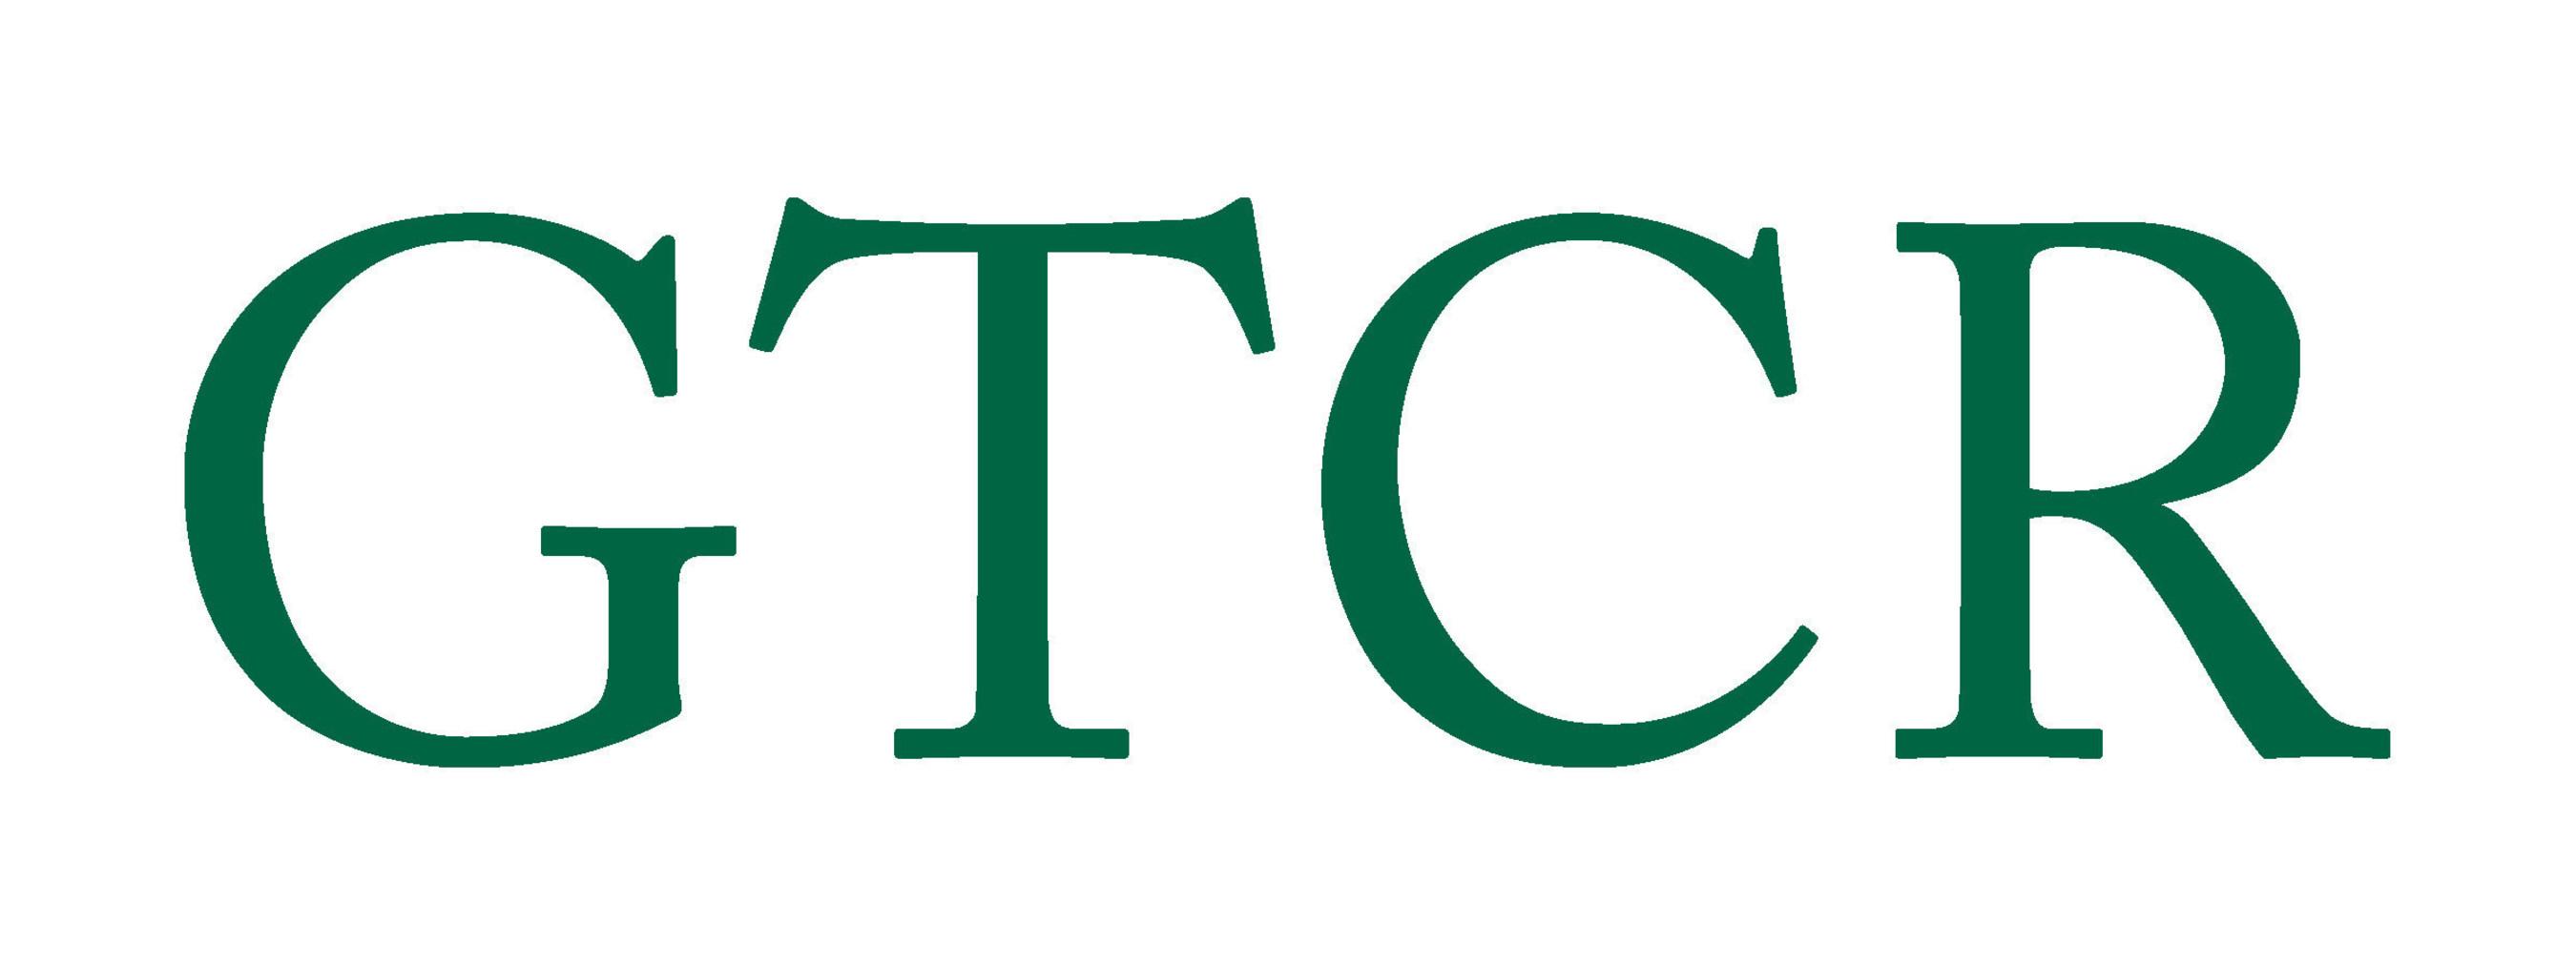 GTCR Announces Portfolio Company Cision's Intent to Acquire PR Newswire